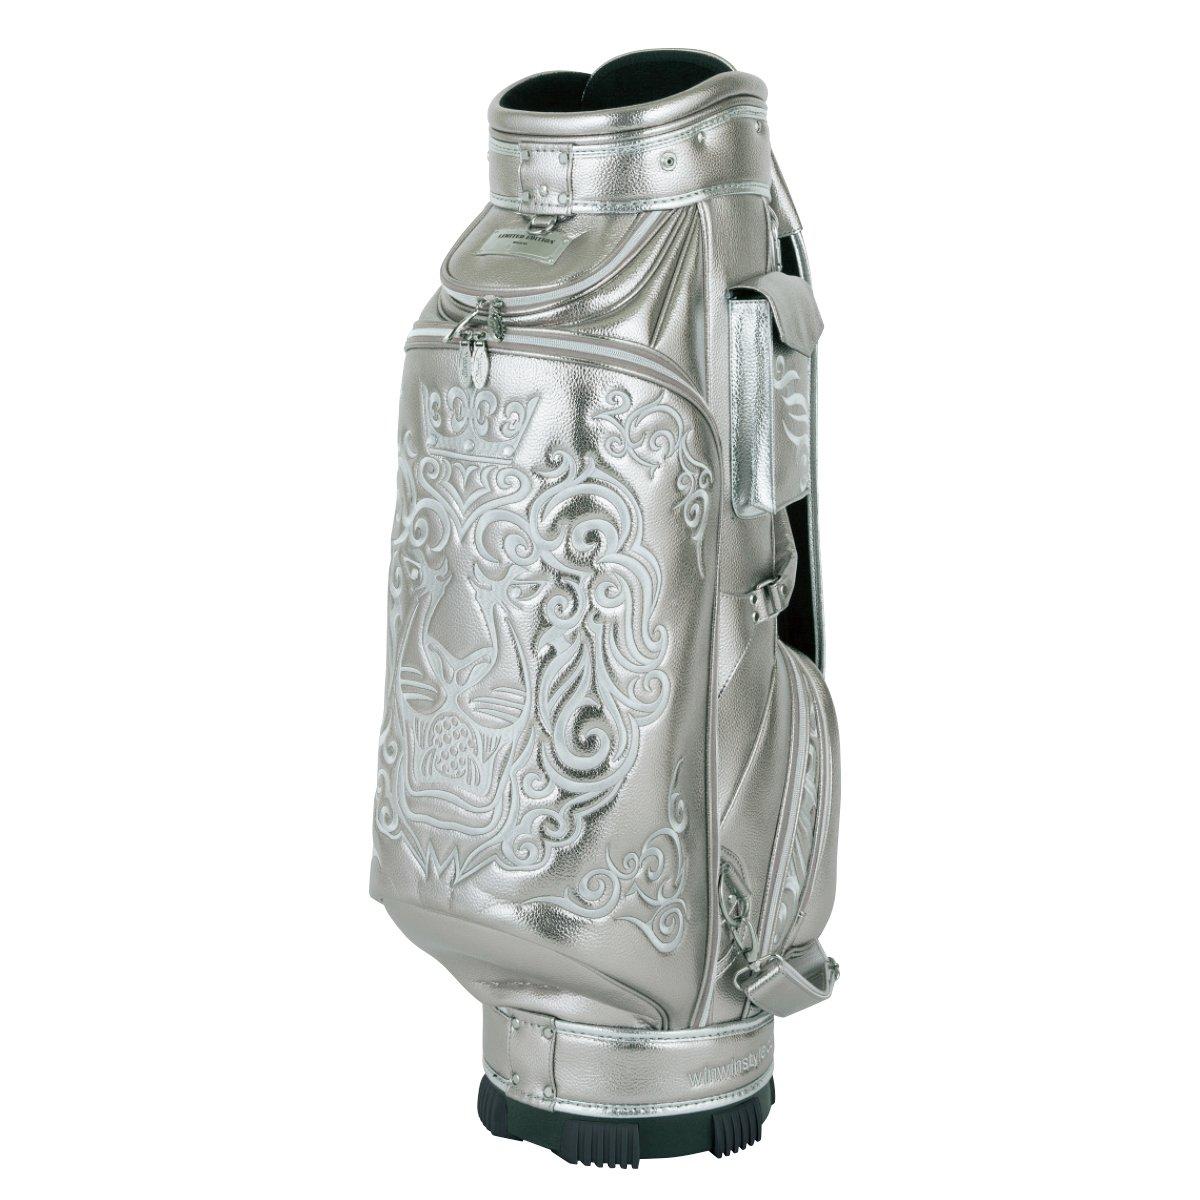 WINWIN STYLE(ウィンウィンスタイル) キャディーバッグ PREMIUM KING Of GOLF (LION DESIGN) CART Bag 9.0型 47インチ対応 限定モデル ユニセックス CB-343 シルバー デザイン:総刺繍   B07B4KQB33